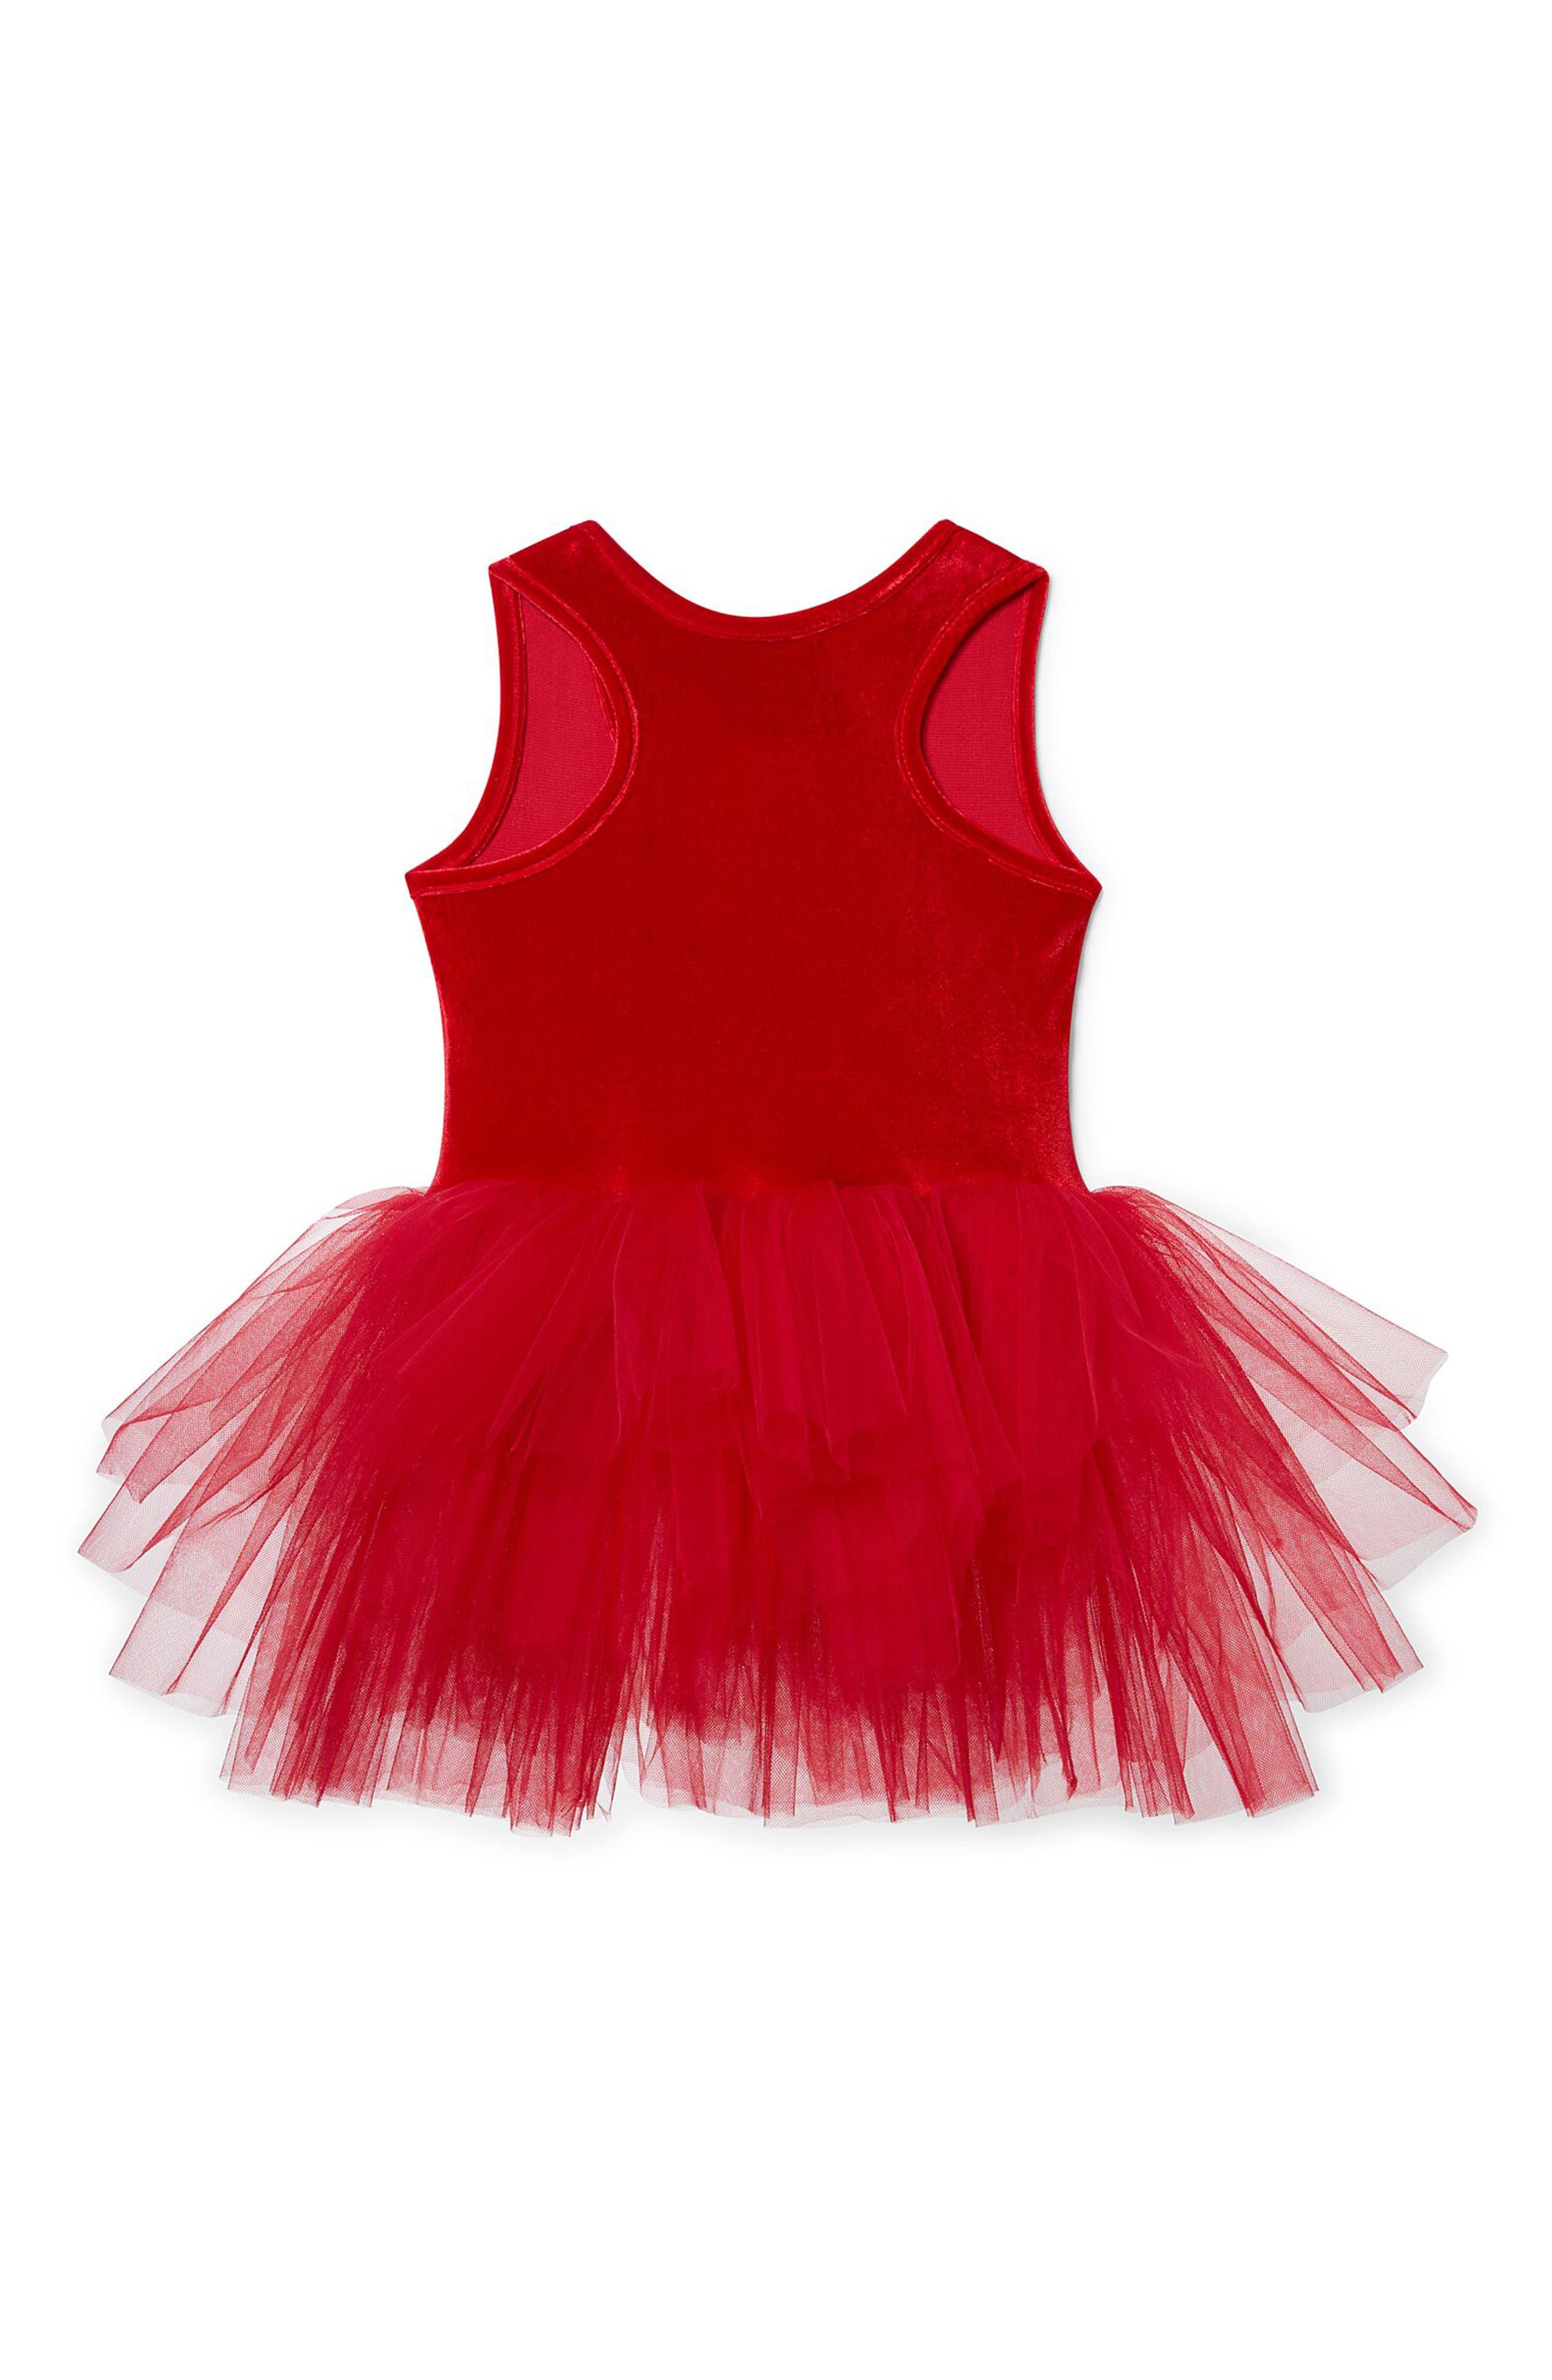 Velvet & Tulle Tutu Dress,                             Alternate thumbnail 2, color,                             Red Velvet